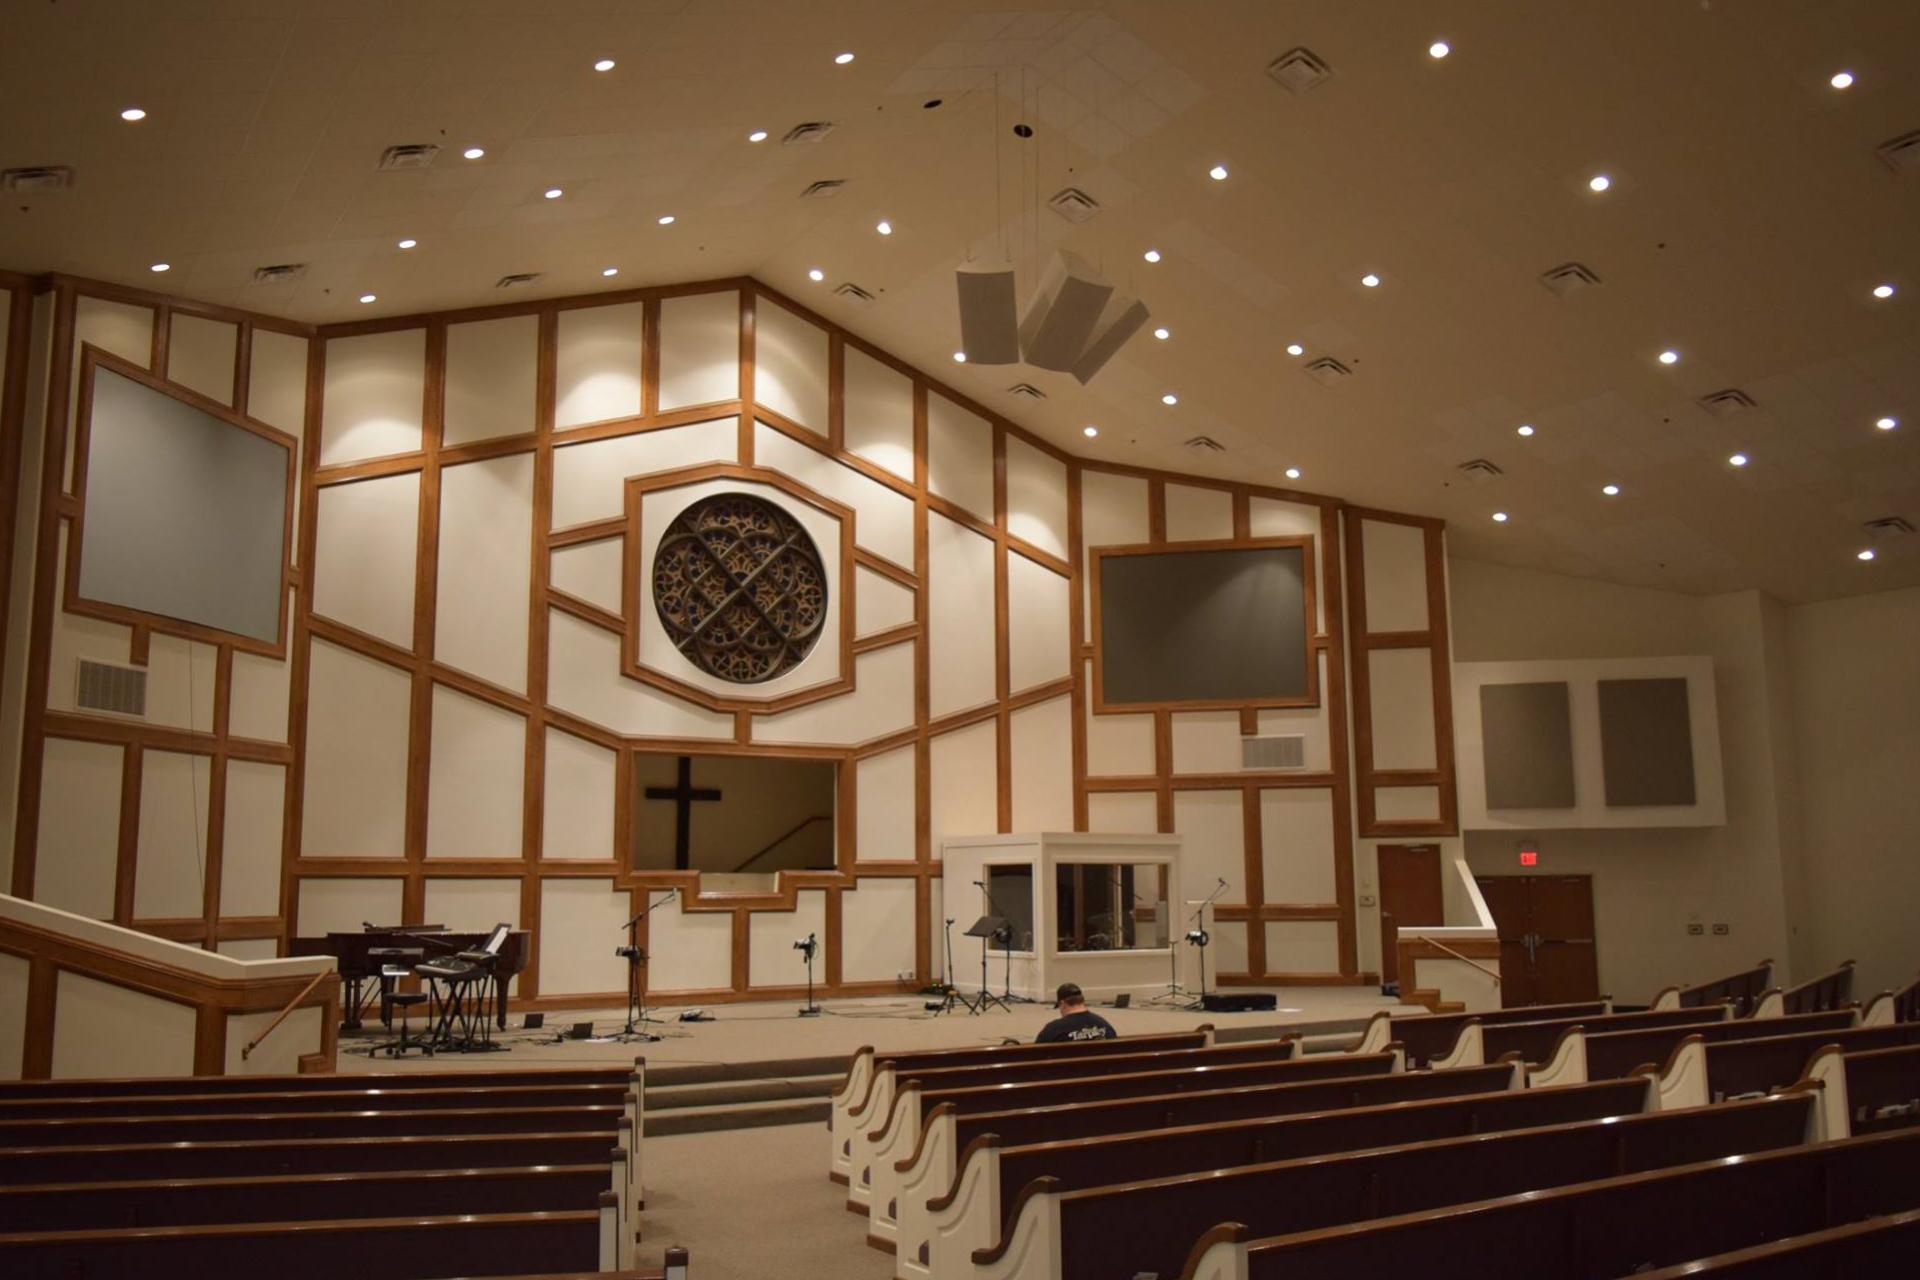 Redeemer Christian Church - Amarillo, TX